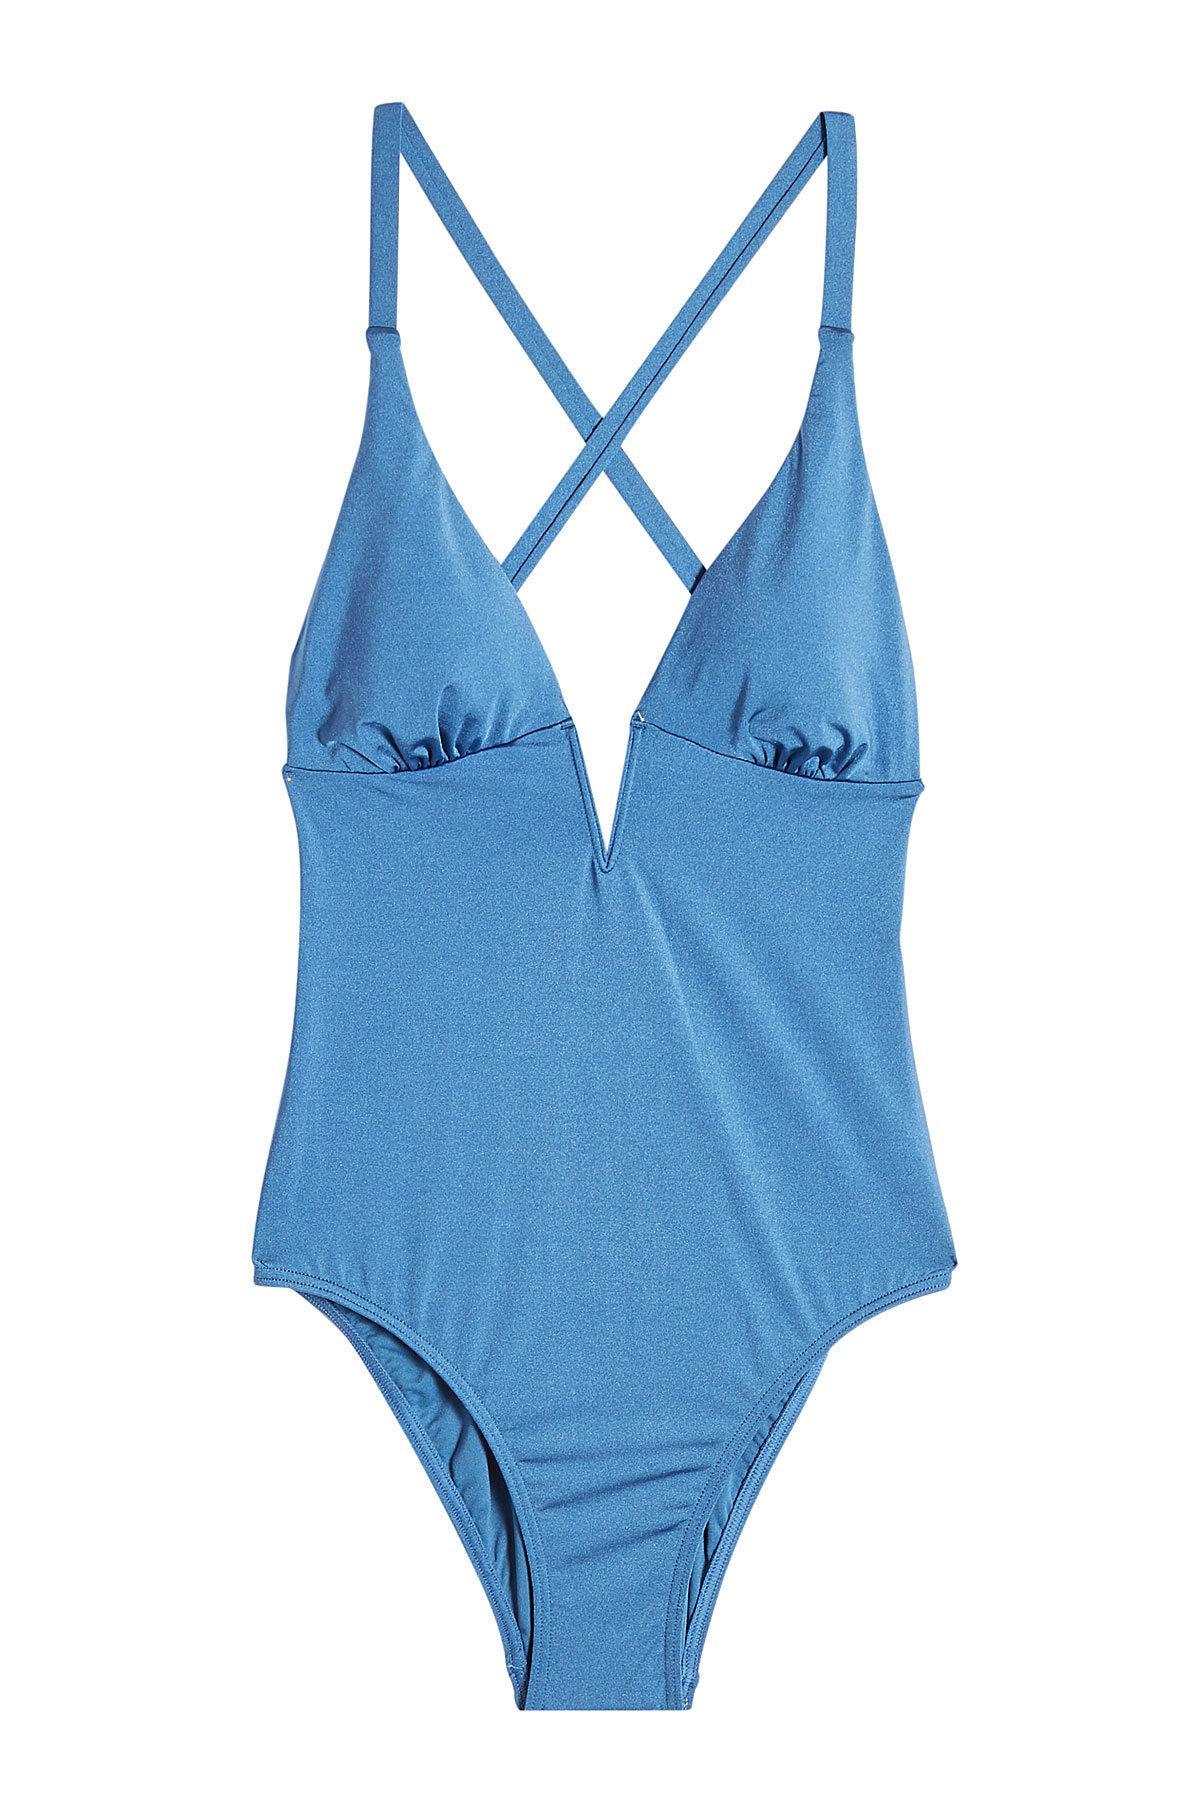 Heidi Klum Swimsuit In Blue